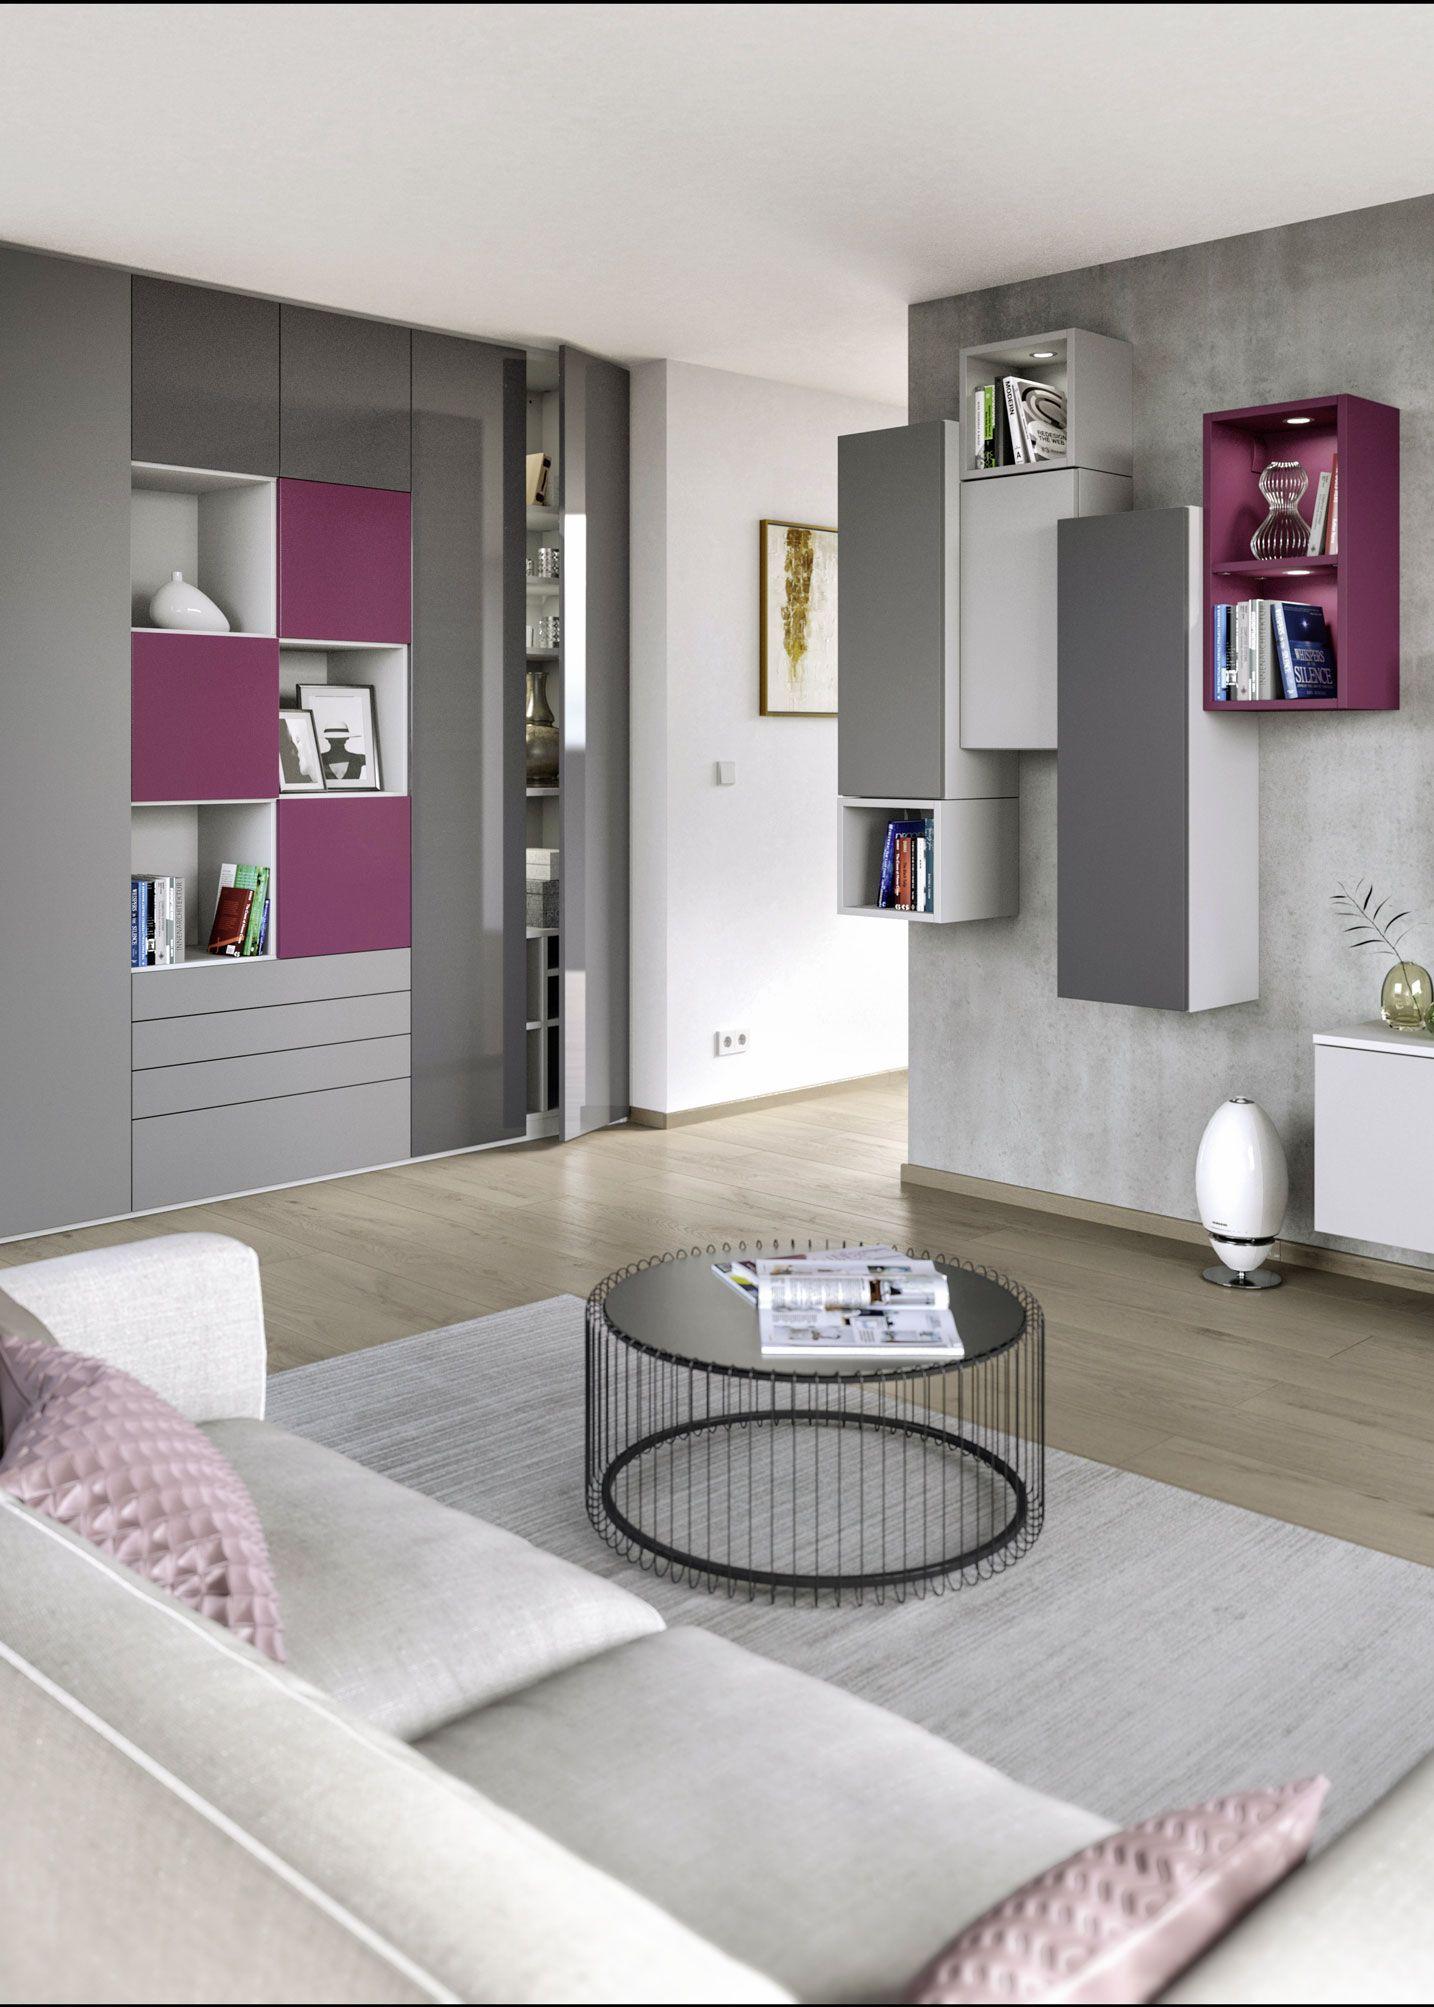 Bei CABINET ist nahezu alles möglich: Ein maßgefertigter Einbauschrank samt passenden Hängeschränken für das Wohnzimmer.